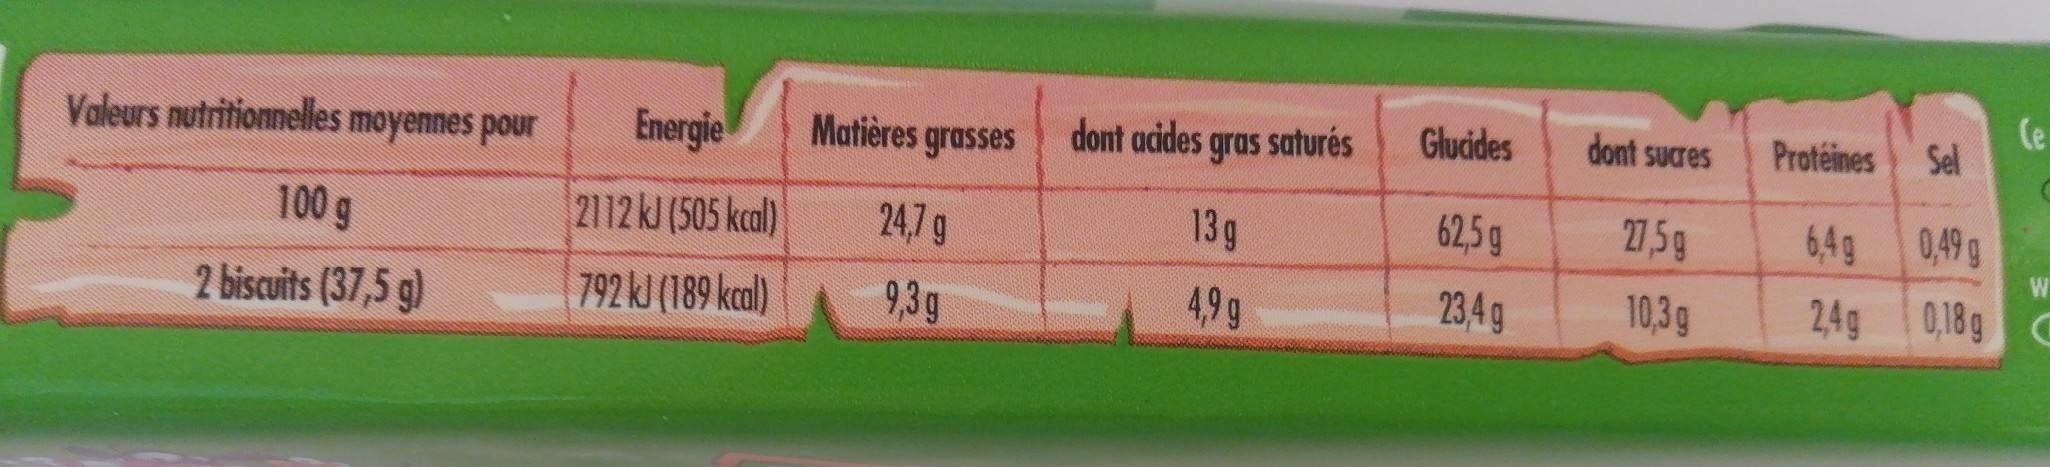 Tartelettes - Voedigswaarden